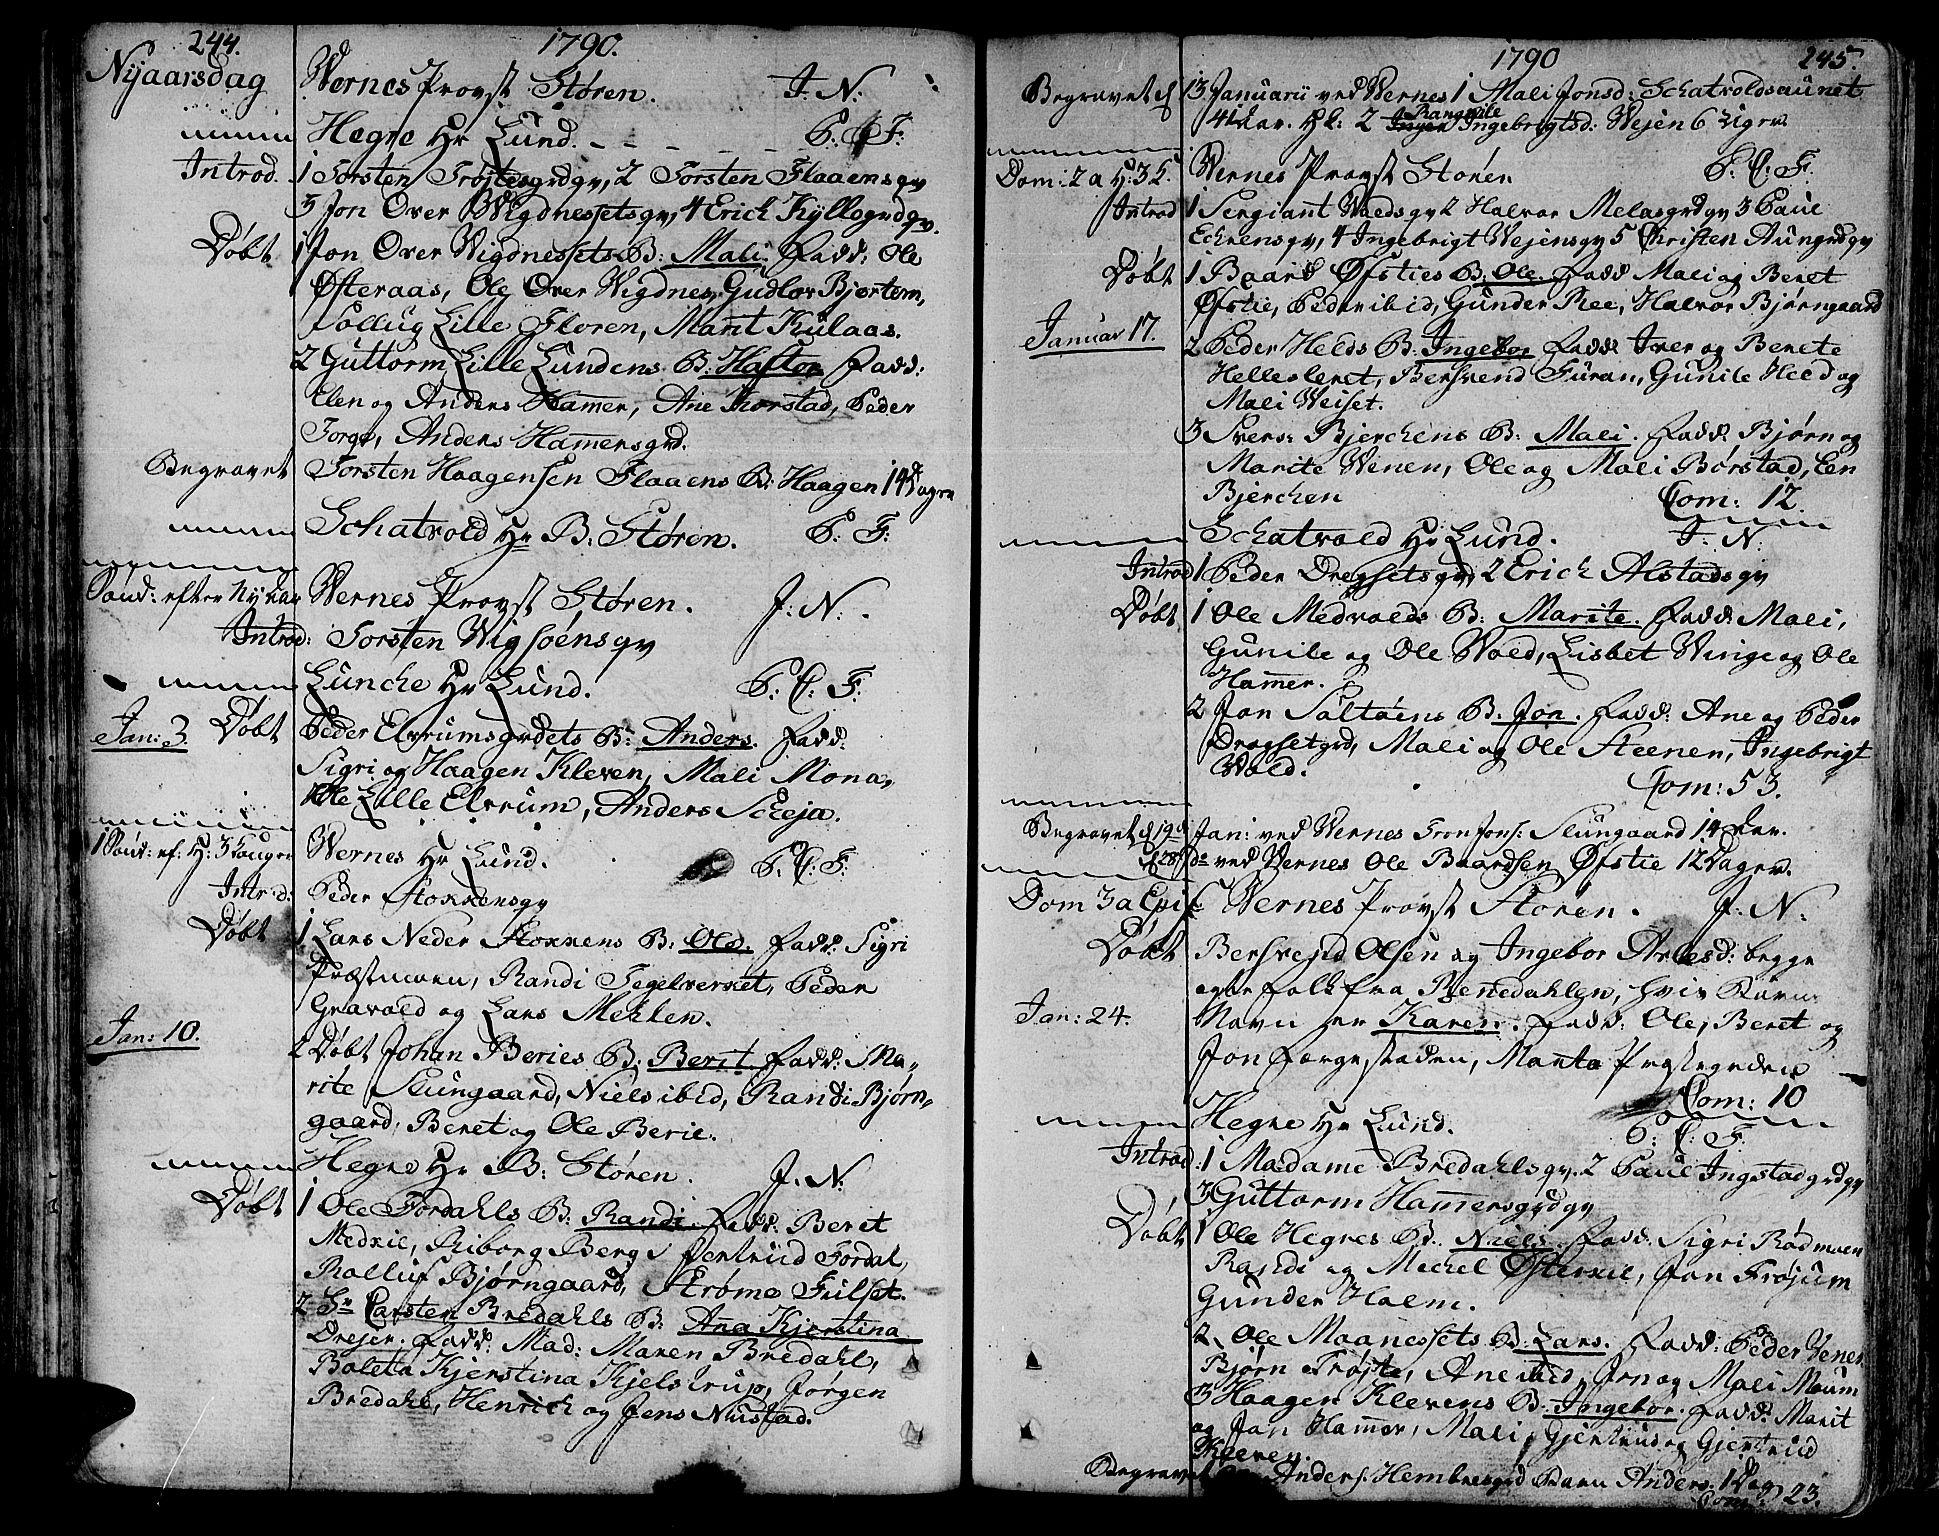 SAT, Ministerialprotokoller, klokkerbøker og fødselsregistre - Nord-Trøndelag, 709/L0059: Ministerialbok nr. 709A06, 1781-1797, s. 244-245